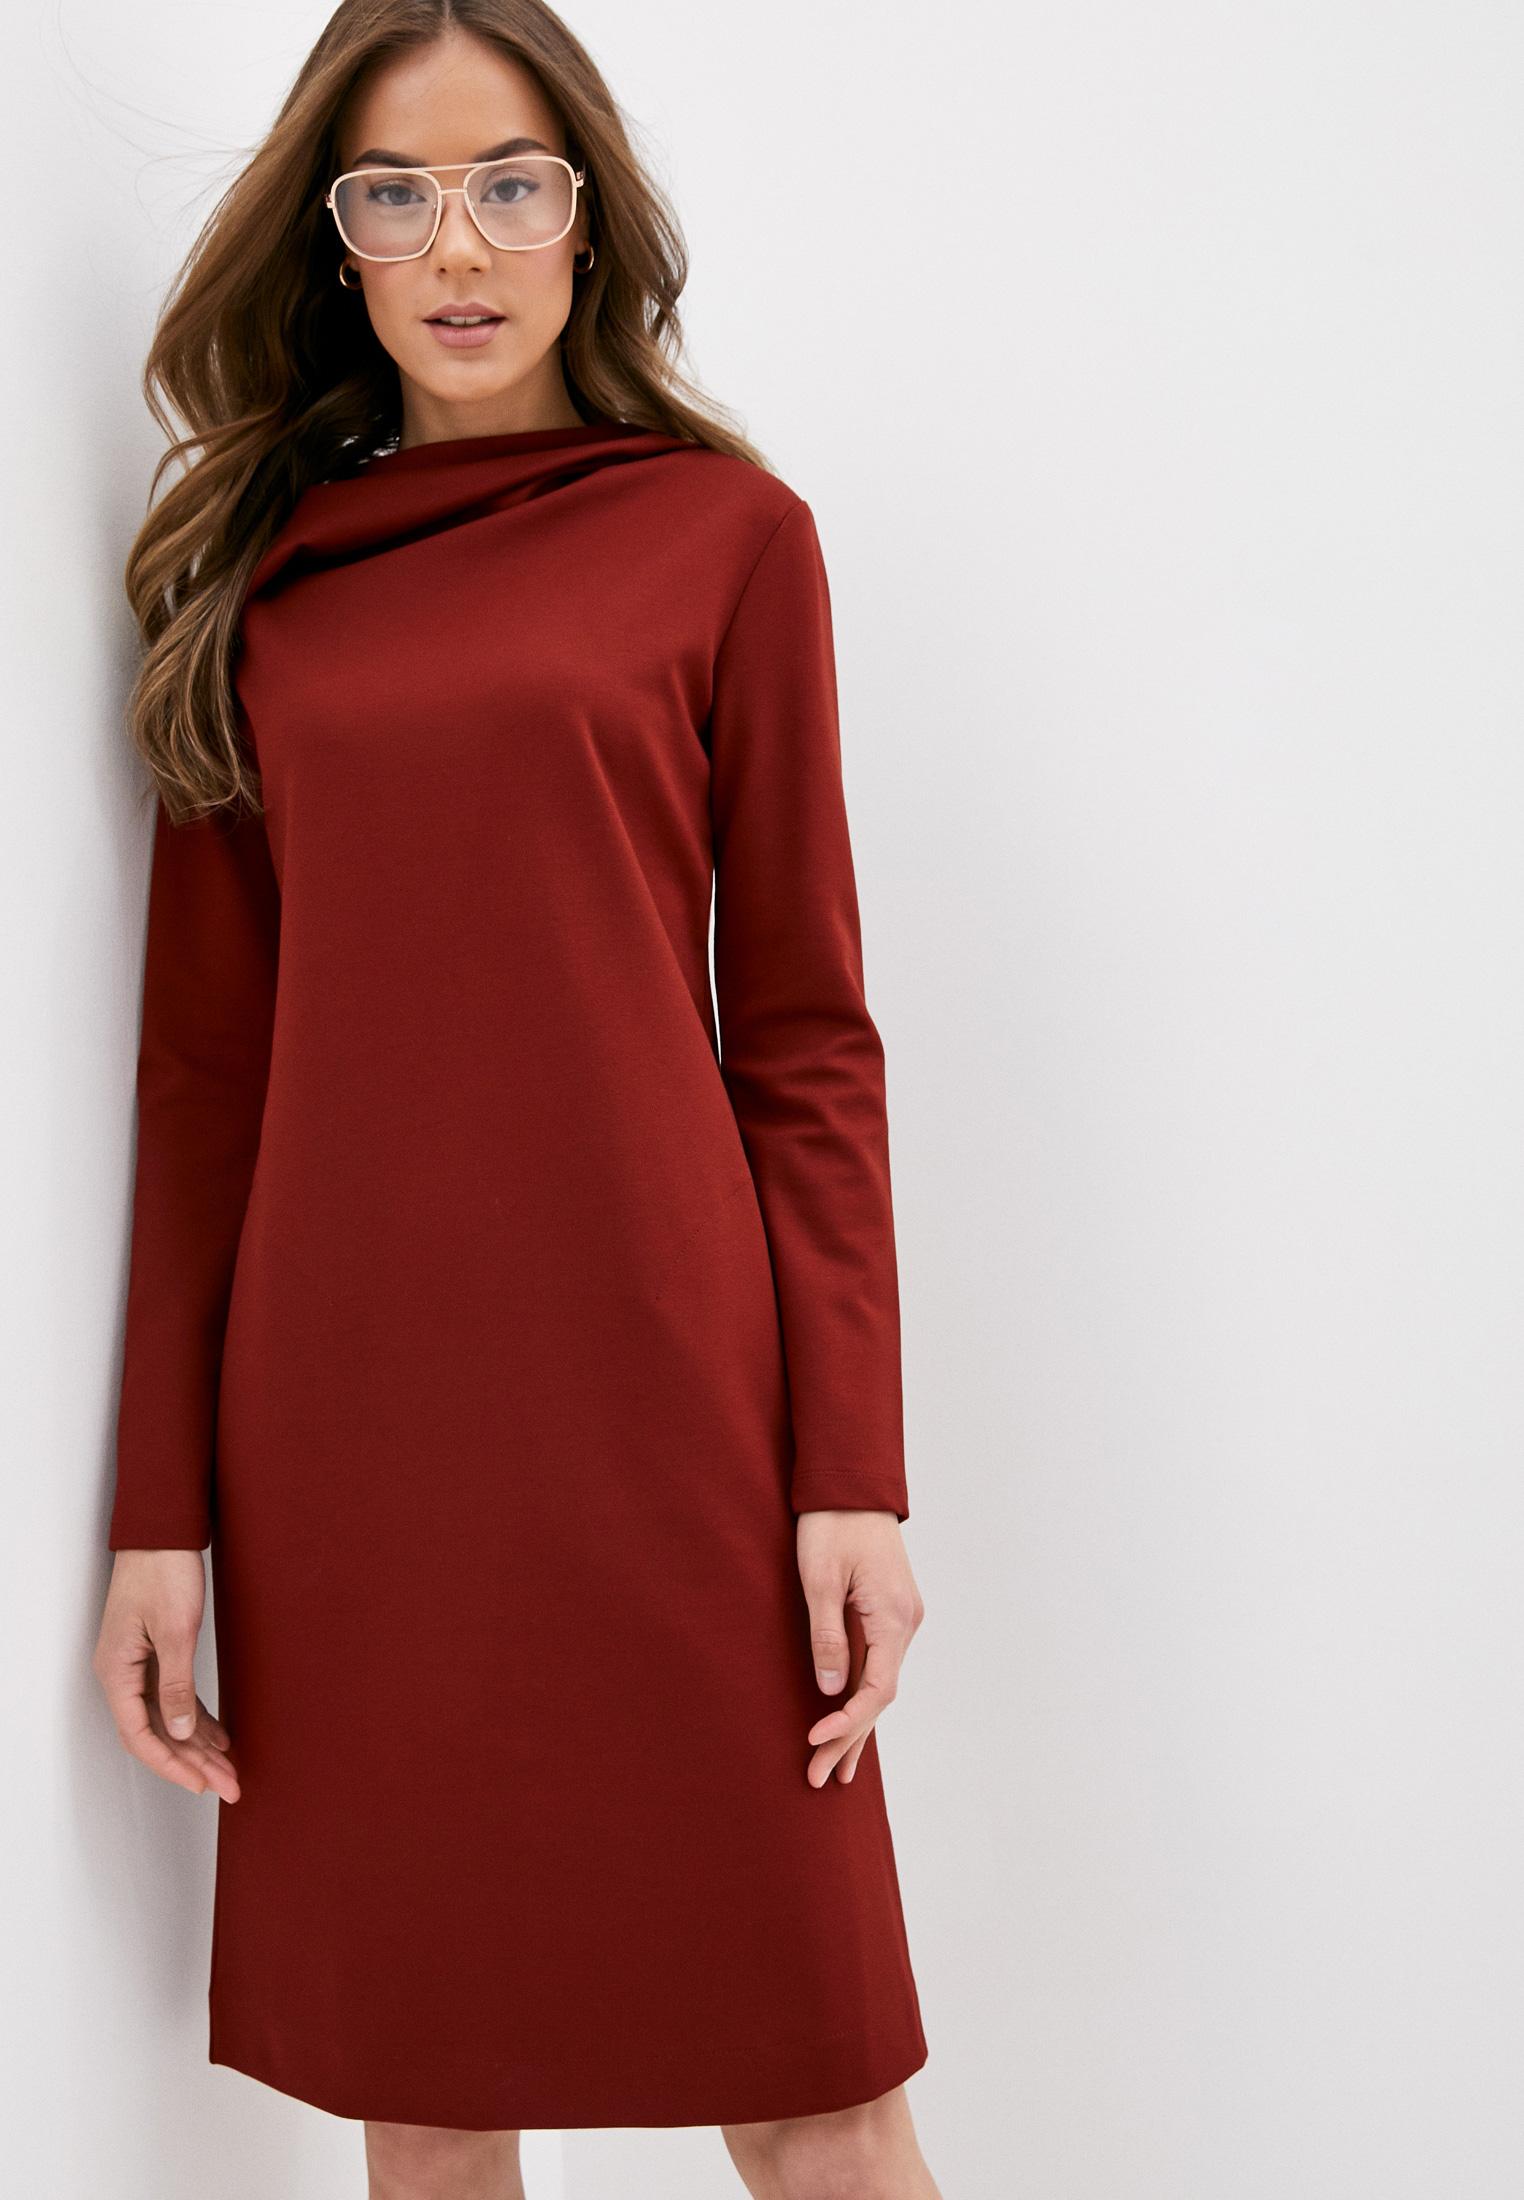 Повседневное платье Gerry Weber (Гарри Вебер) 185089-44102